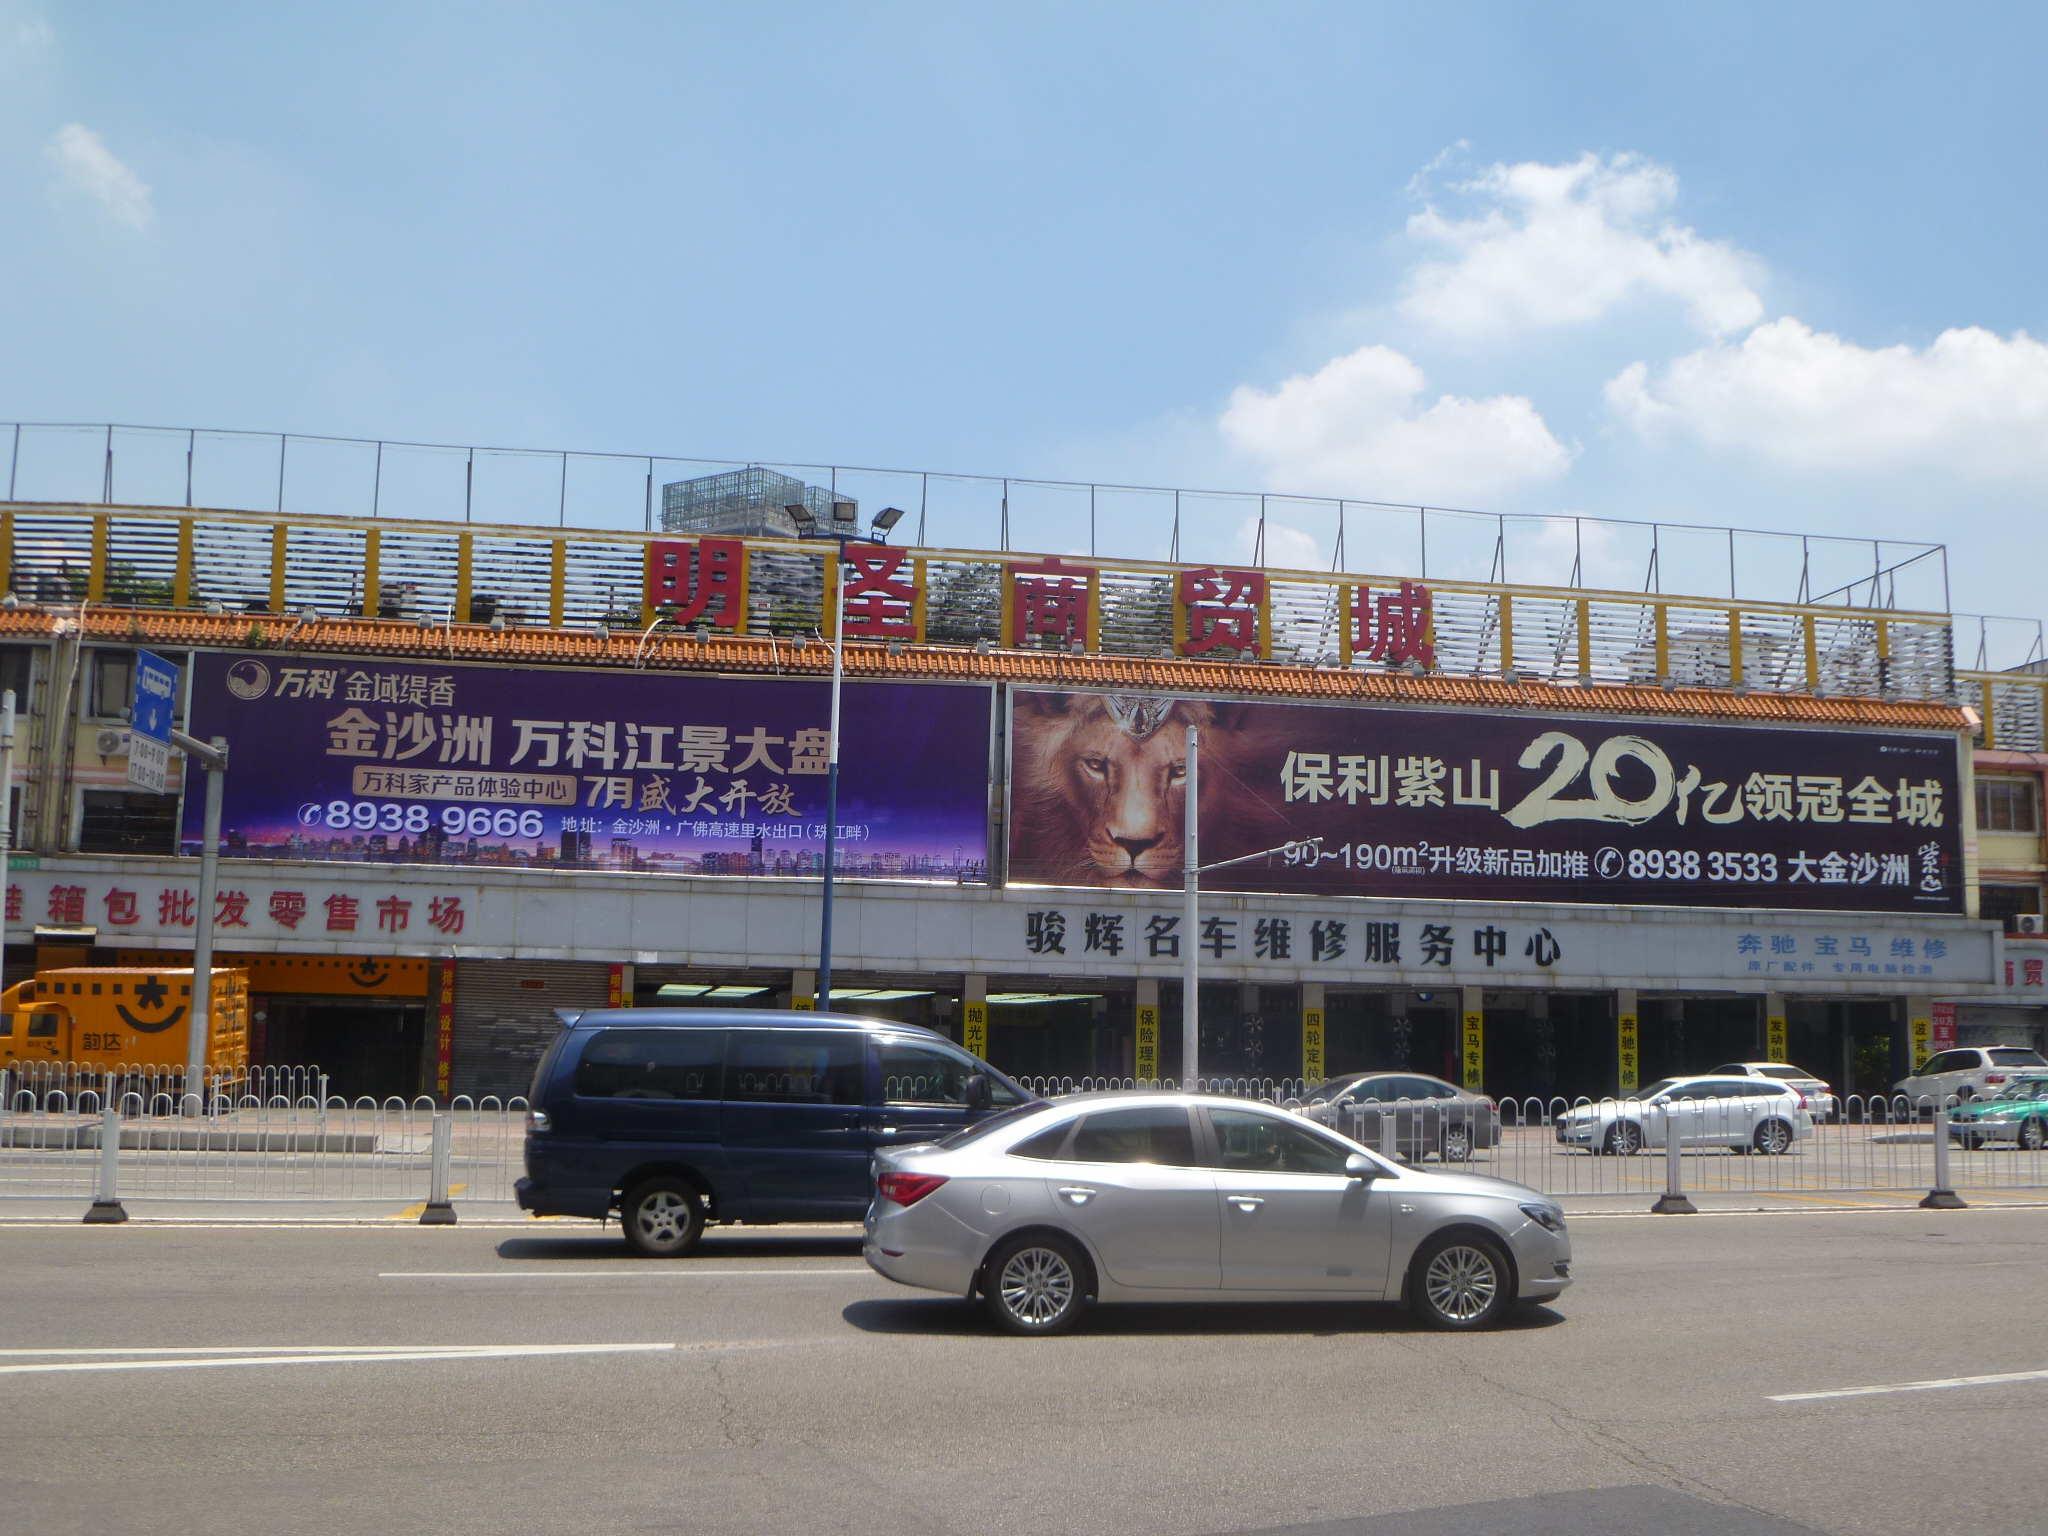 广州户外广告牌商圈广告媒体租赁发布